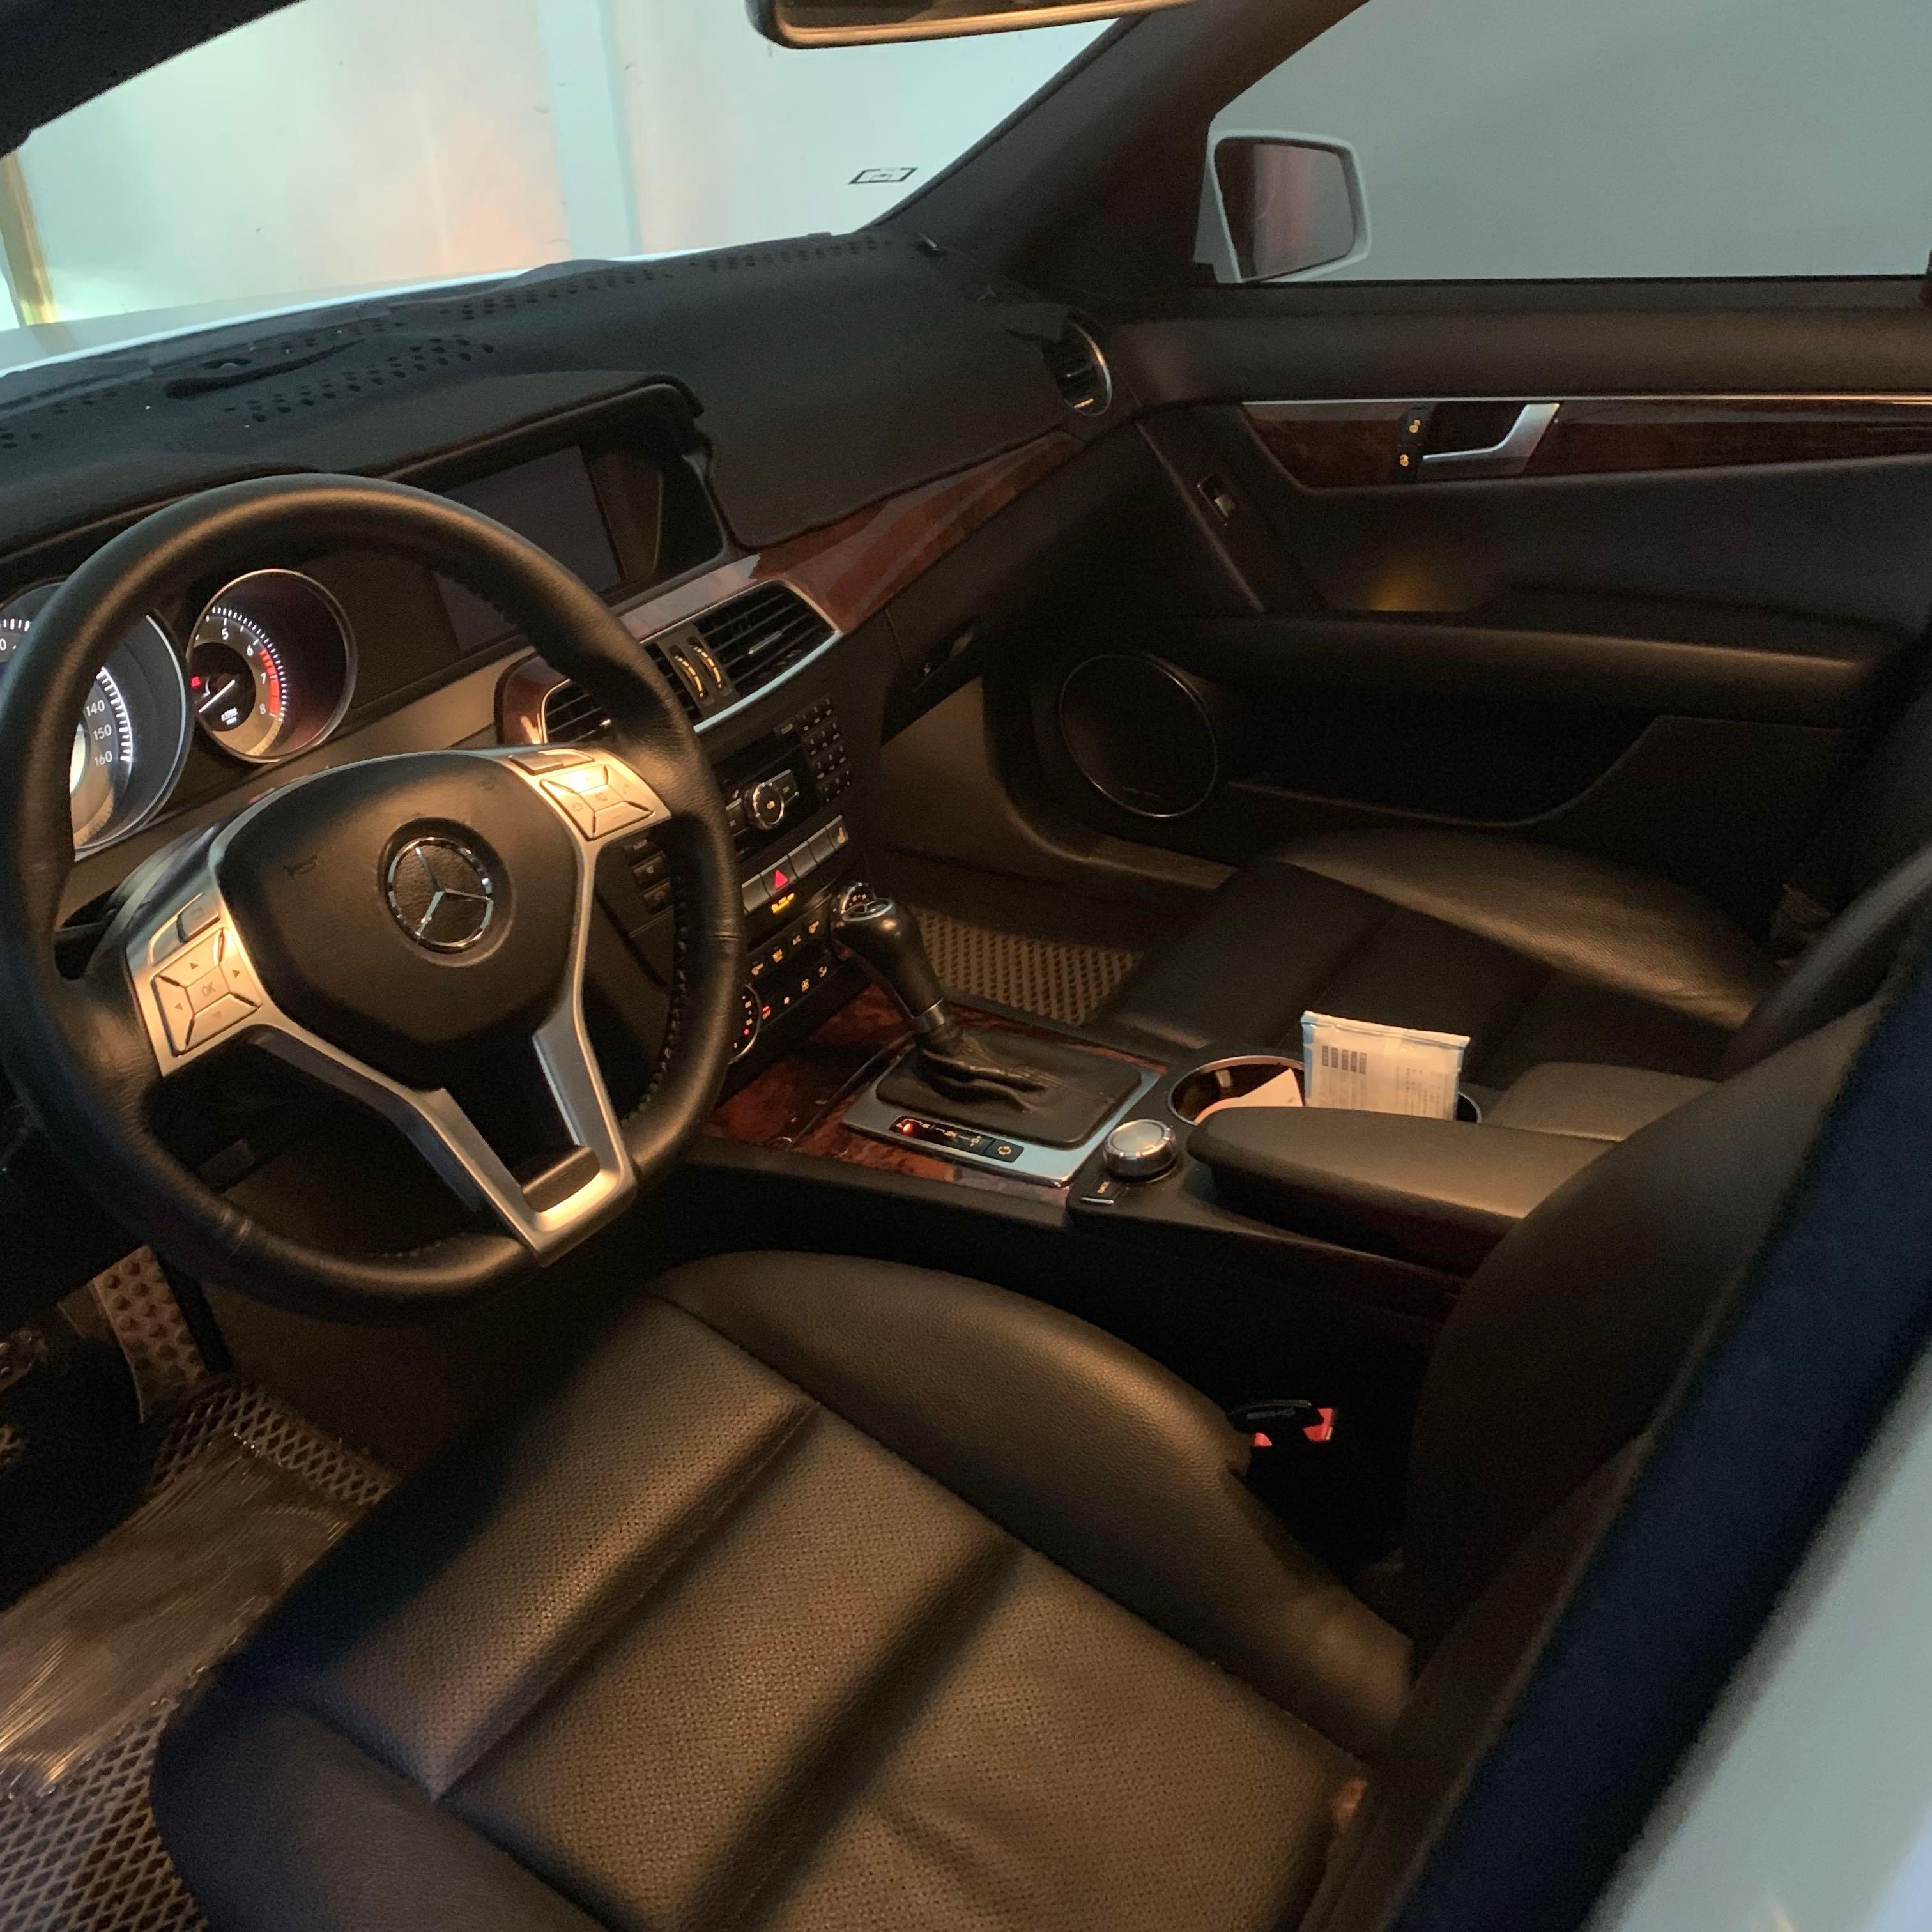 賓士 2012 c250 車主自售 非車行 非代售 實價